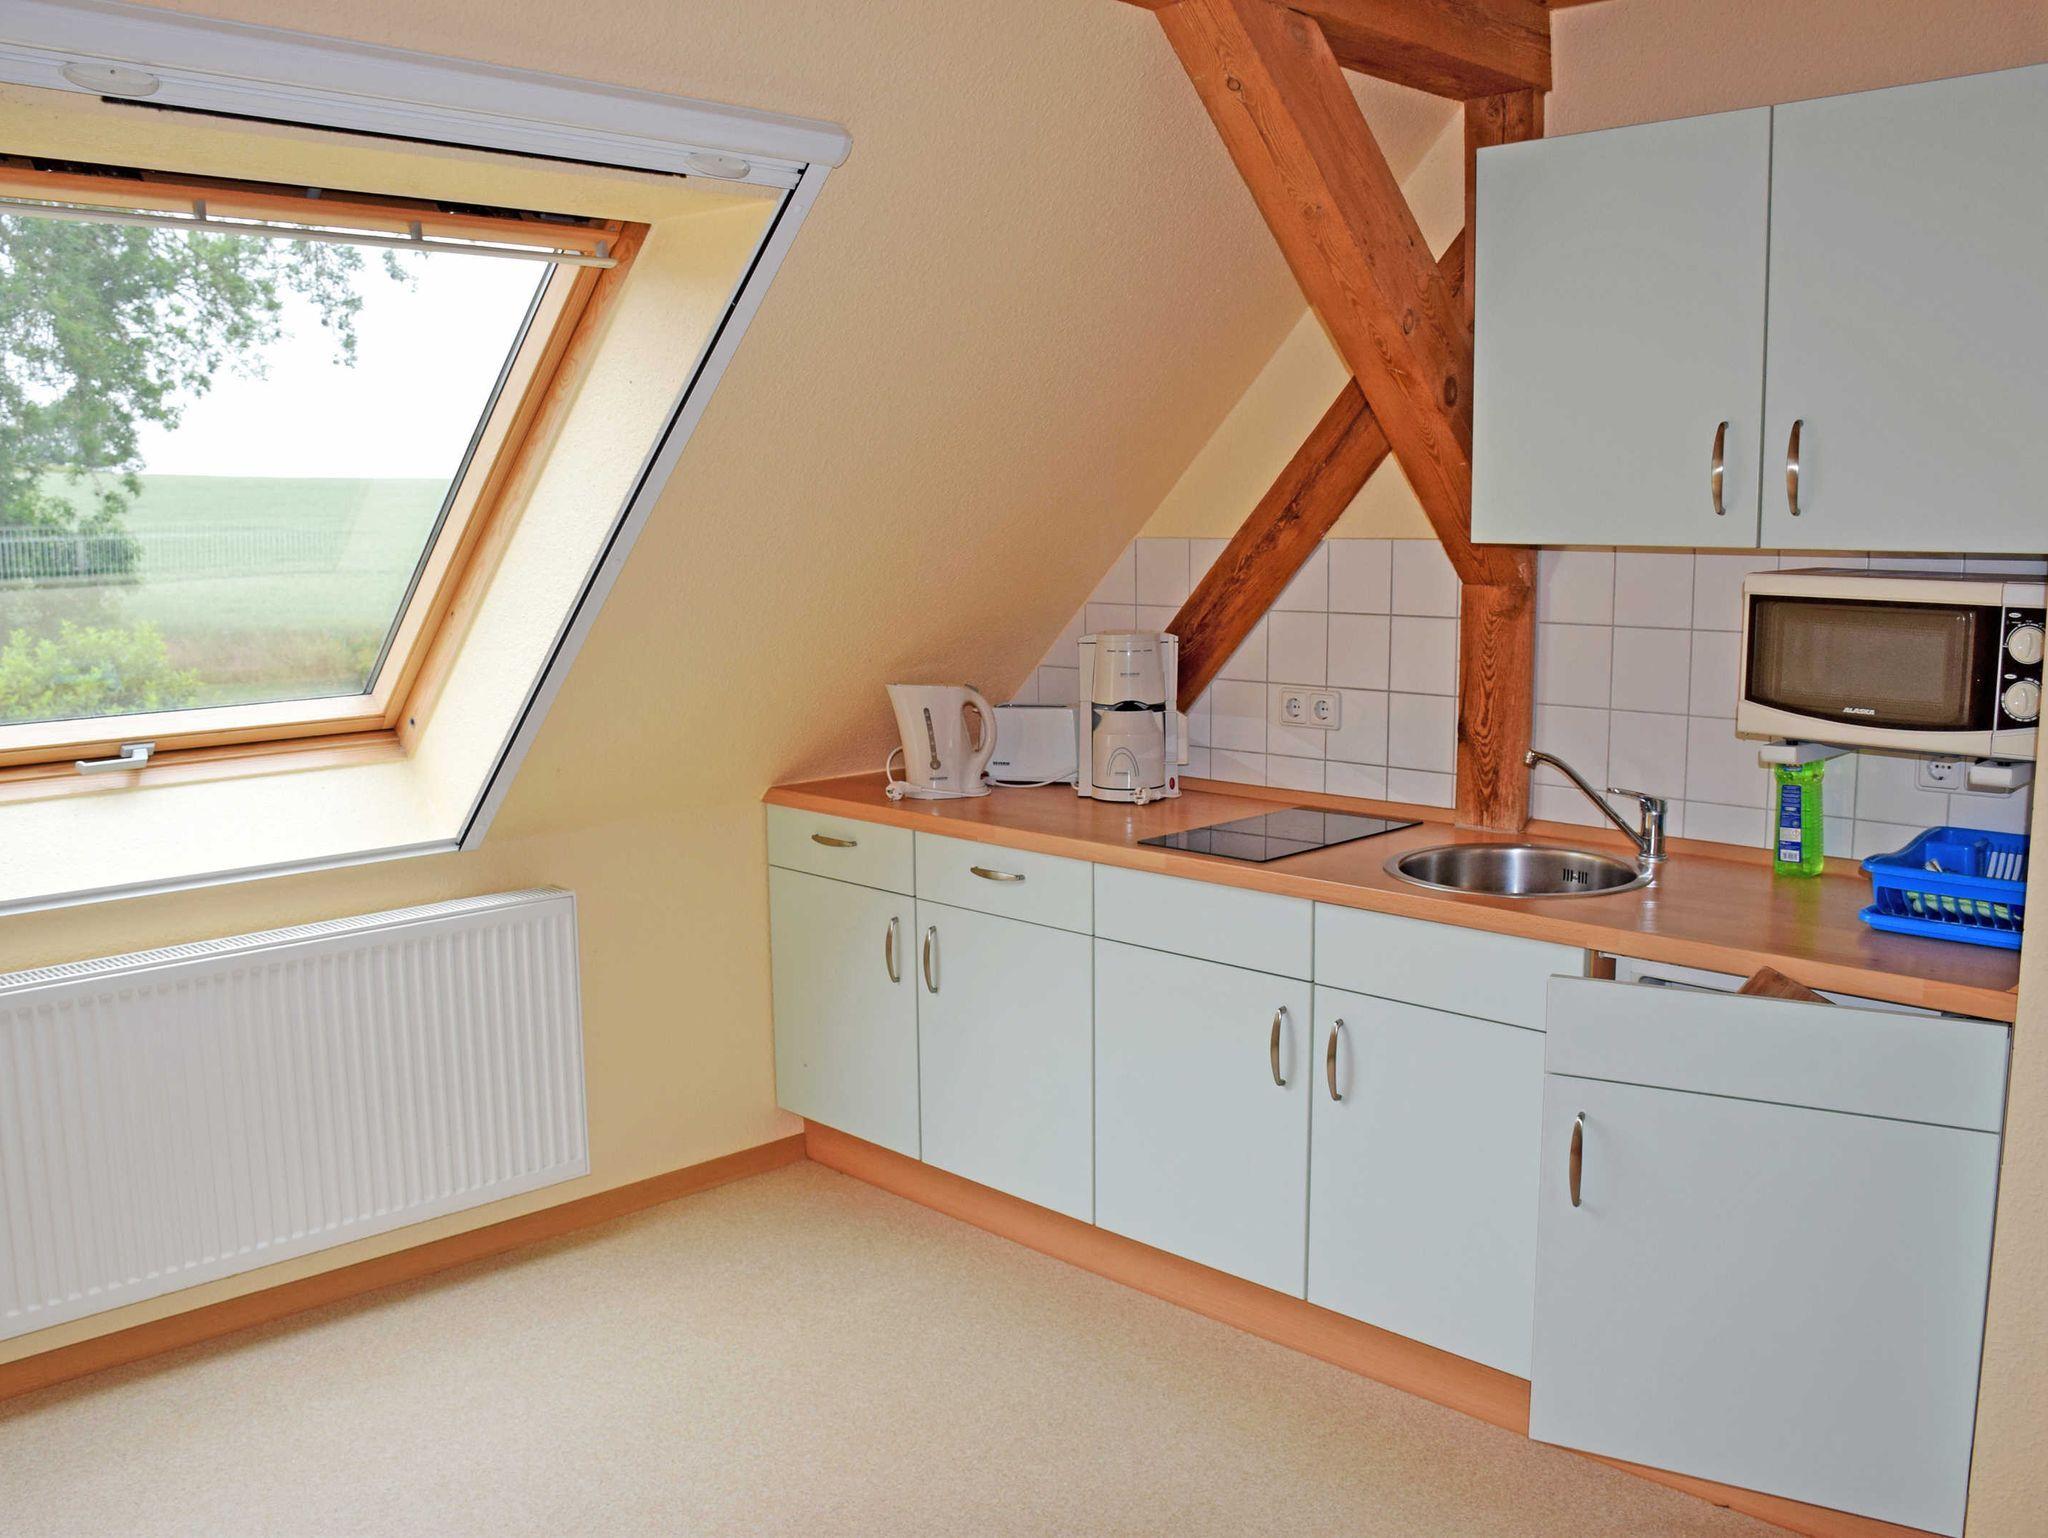 Ferienhof auf Rügen, 06 Ferienwohnung